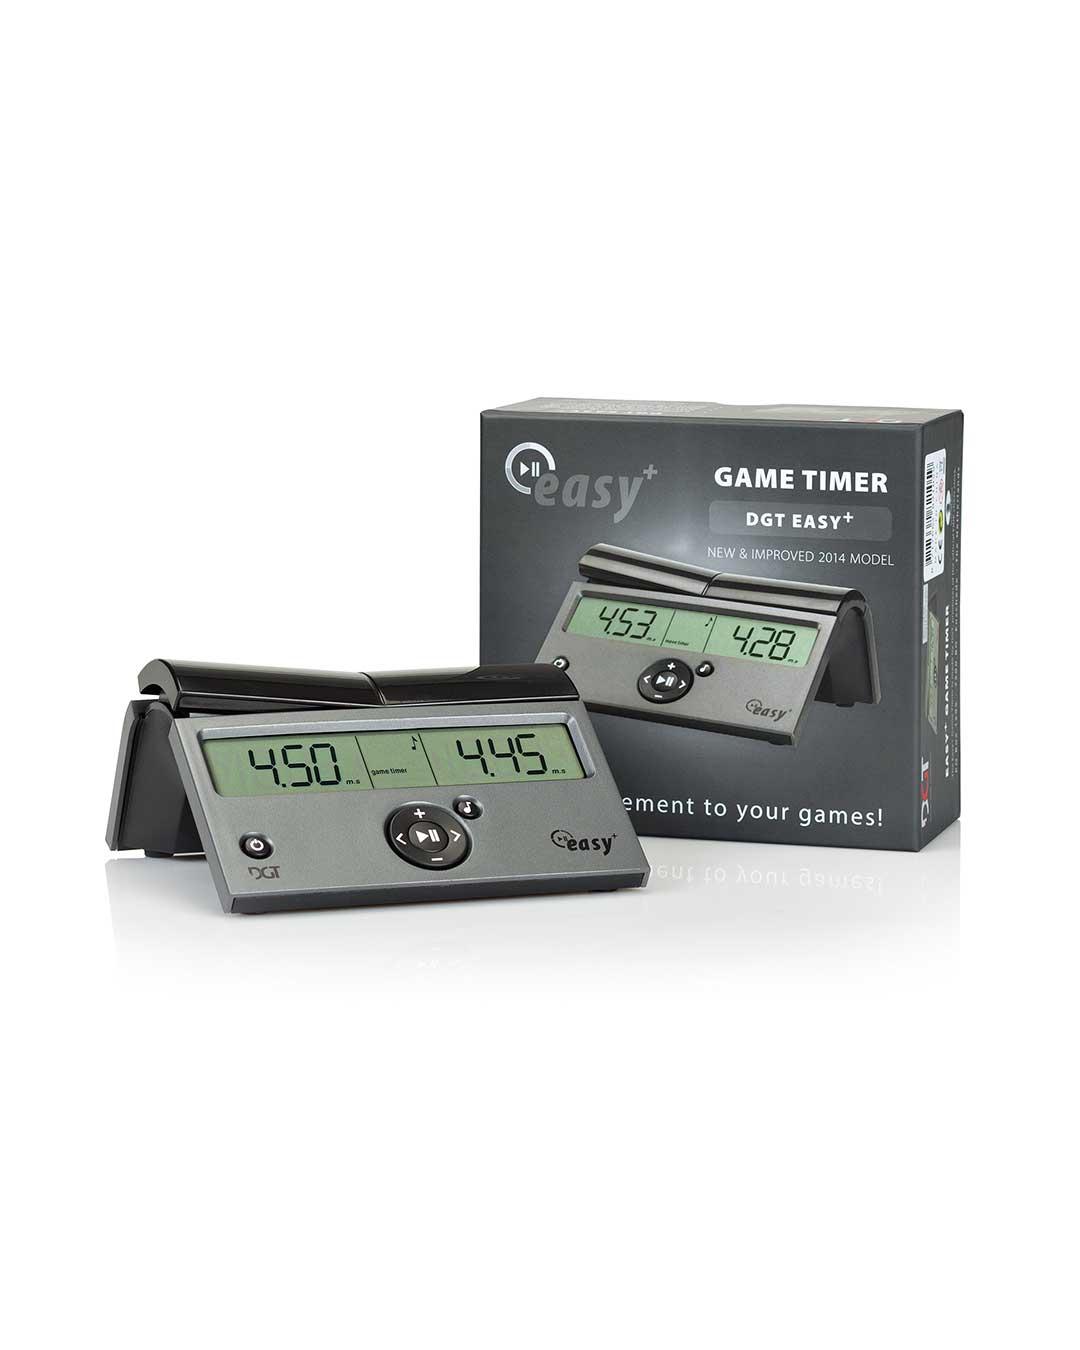 Reloj de ajedrez marca DGT modelo